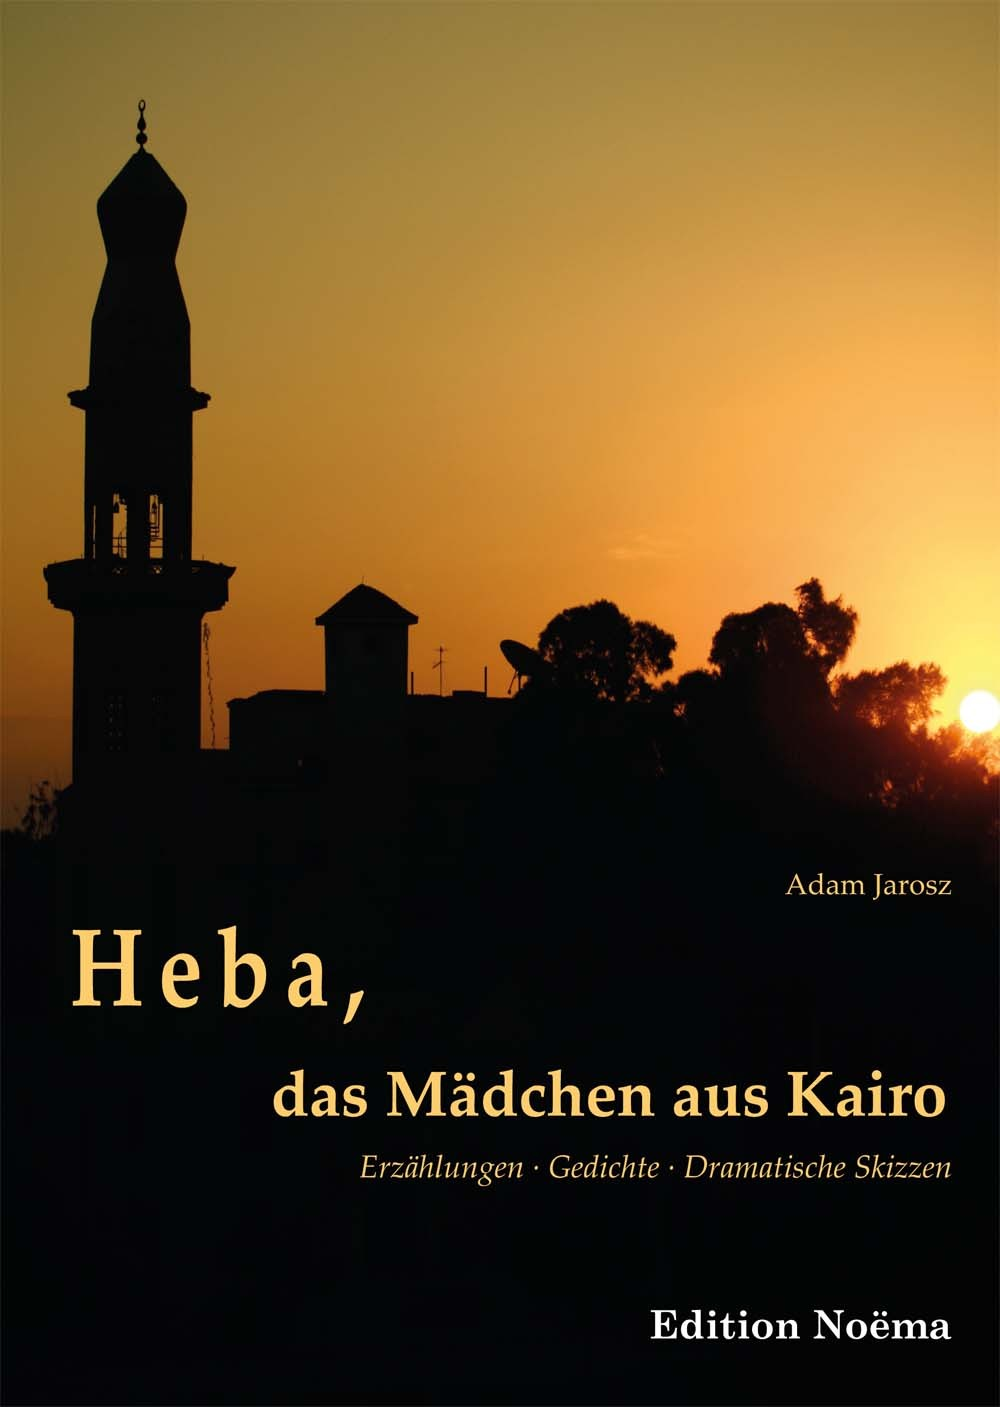 Heba, das Mädchen aus Kairo